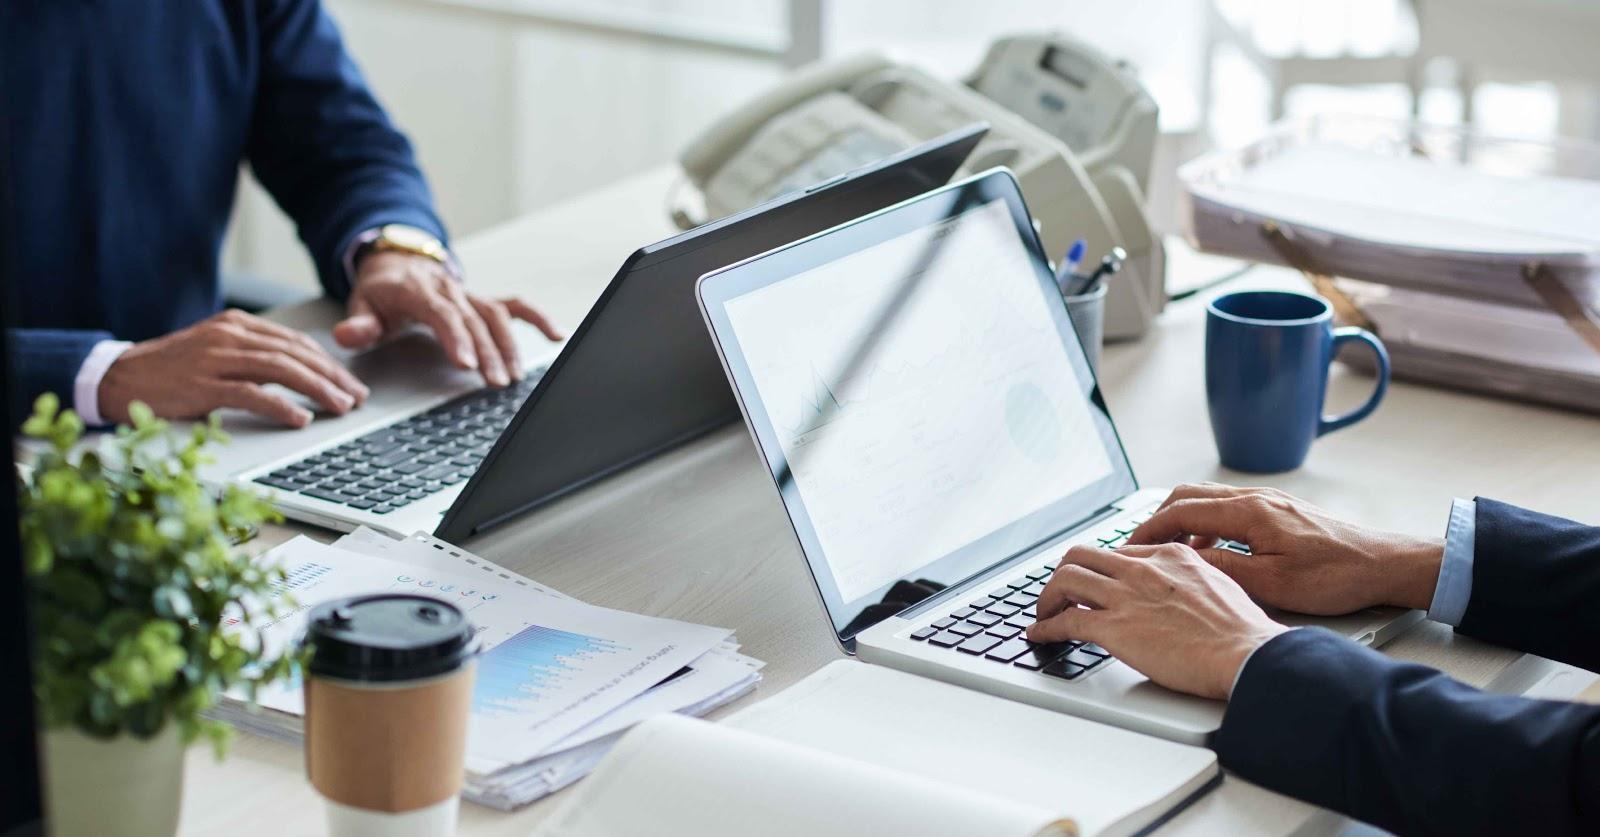 Employee Benefit Tip 2